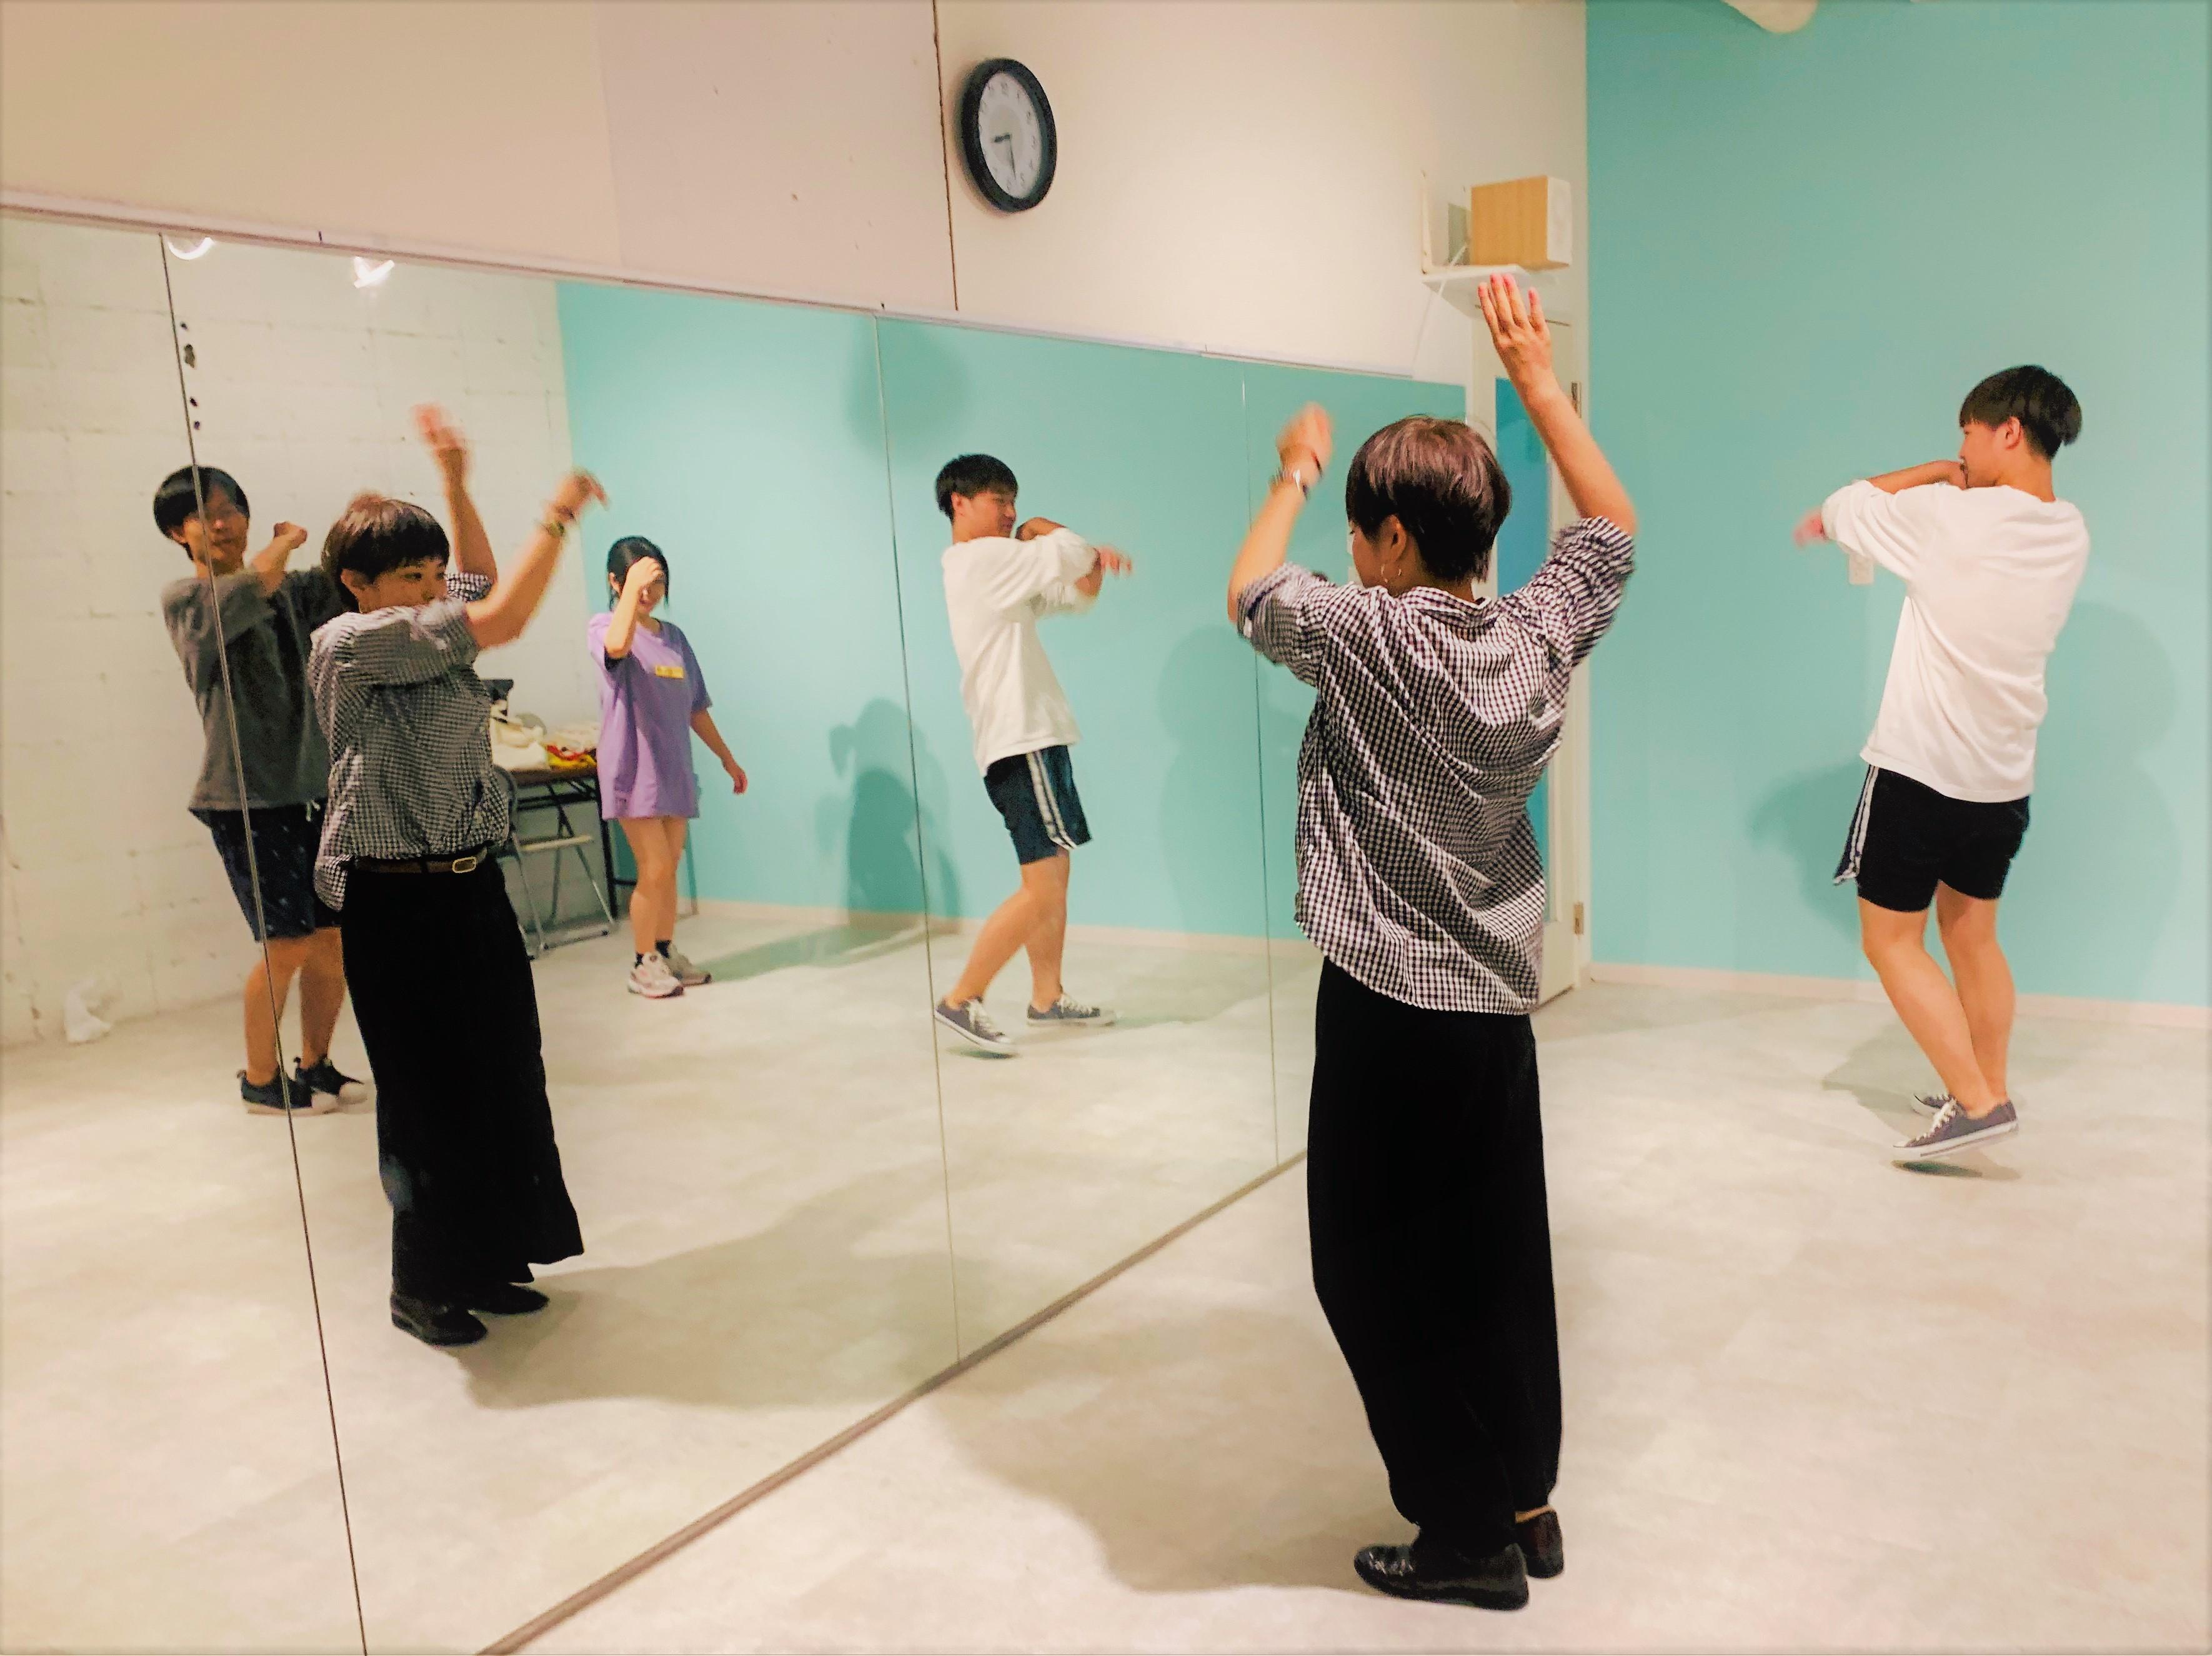 舞蹈俱樂部的練習